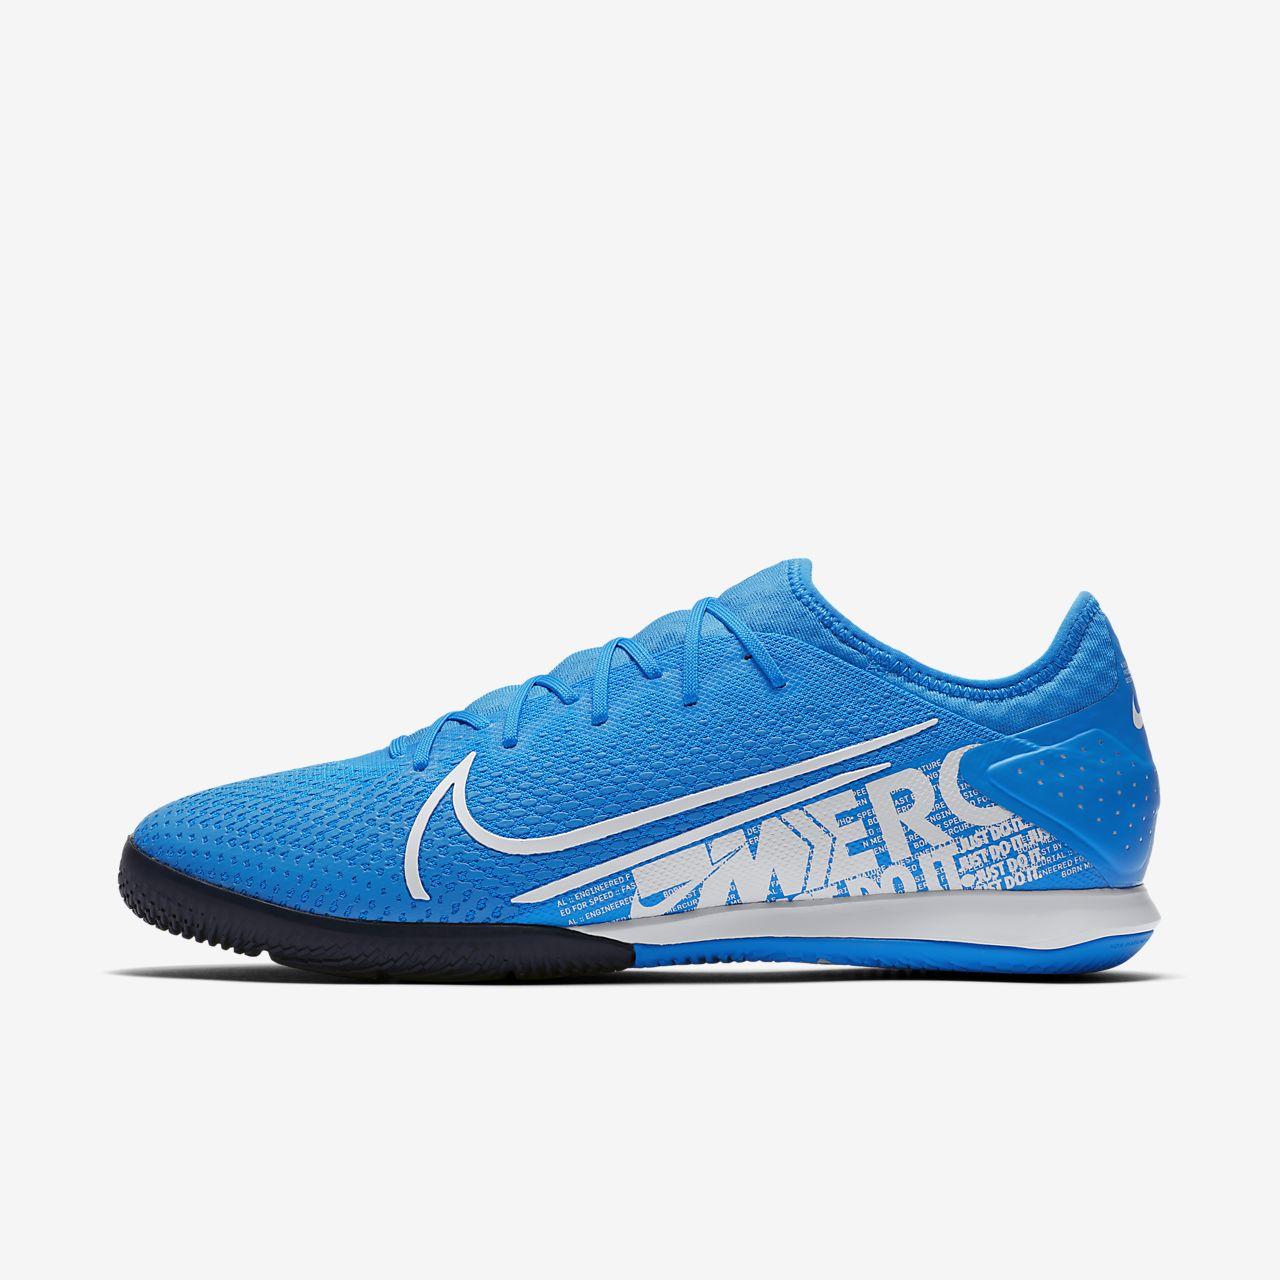 Fotbollssko Nike Mercurial Vapor 13 Pro IC för inomhusplan/futsal/street